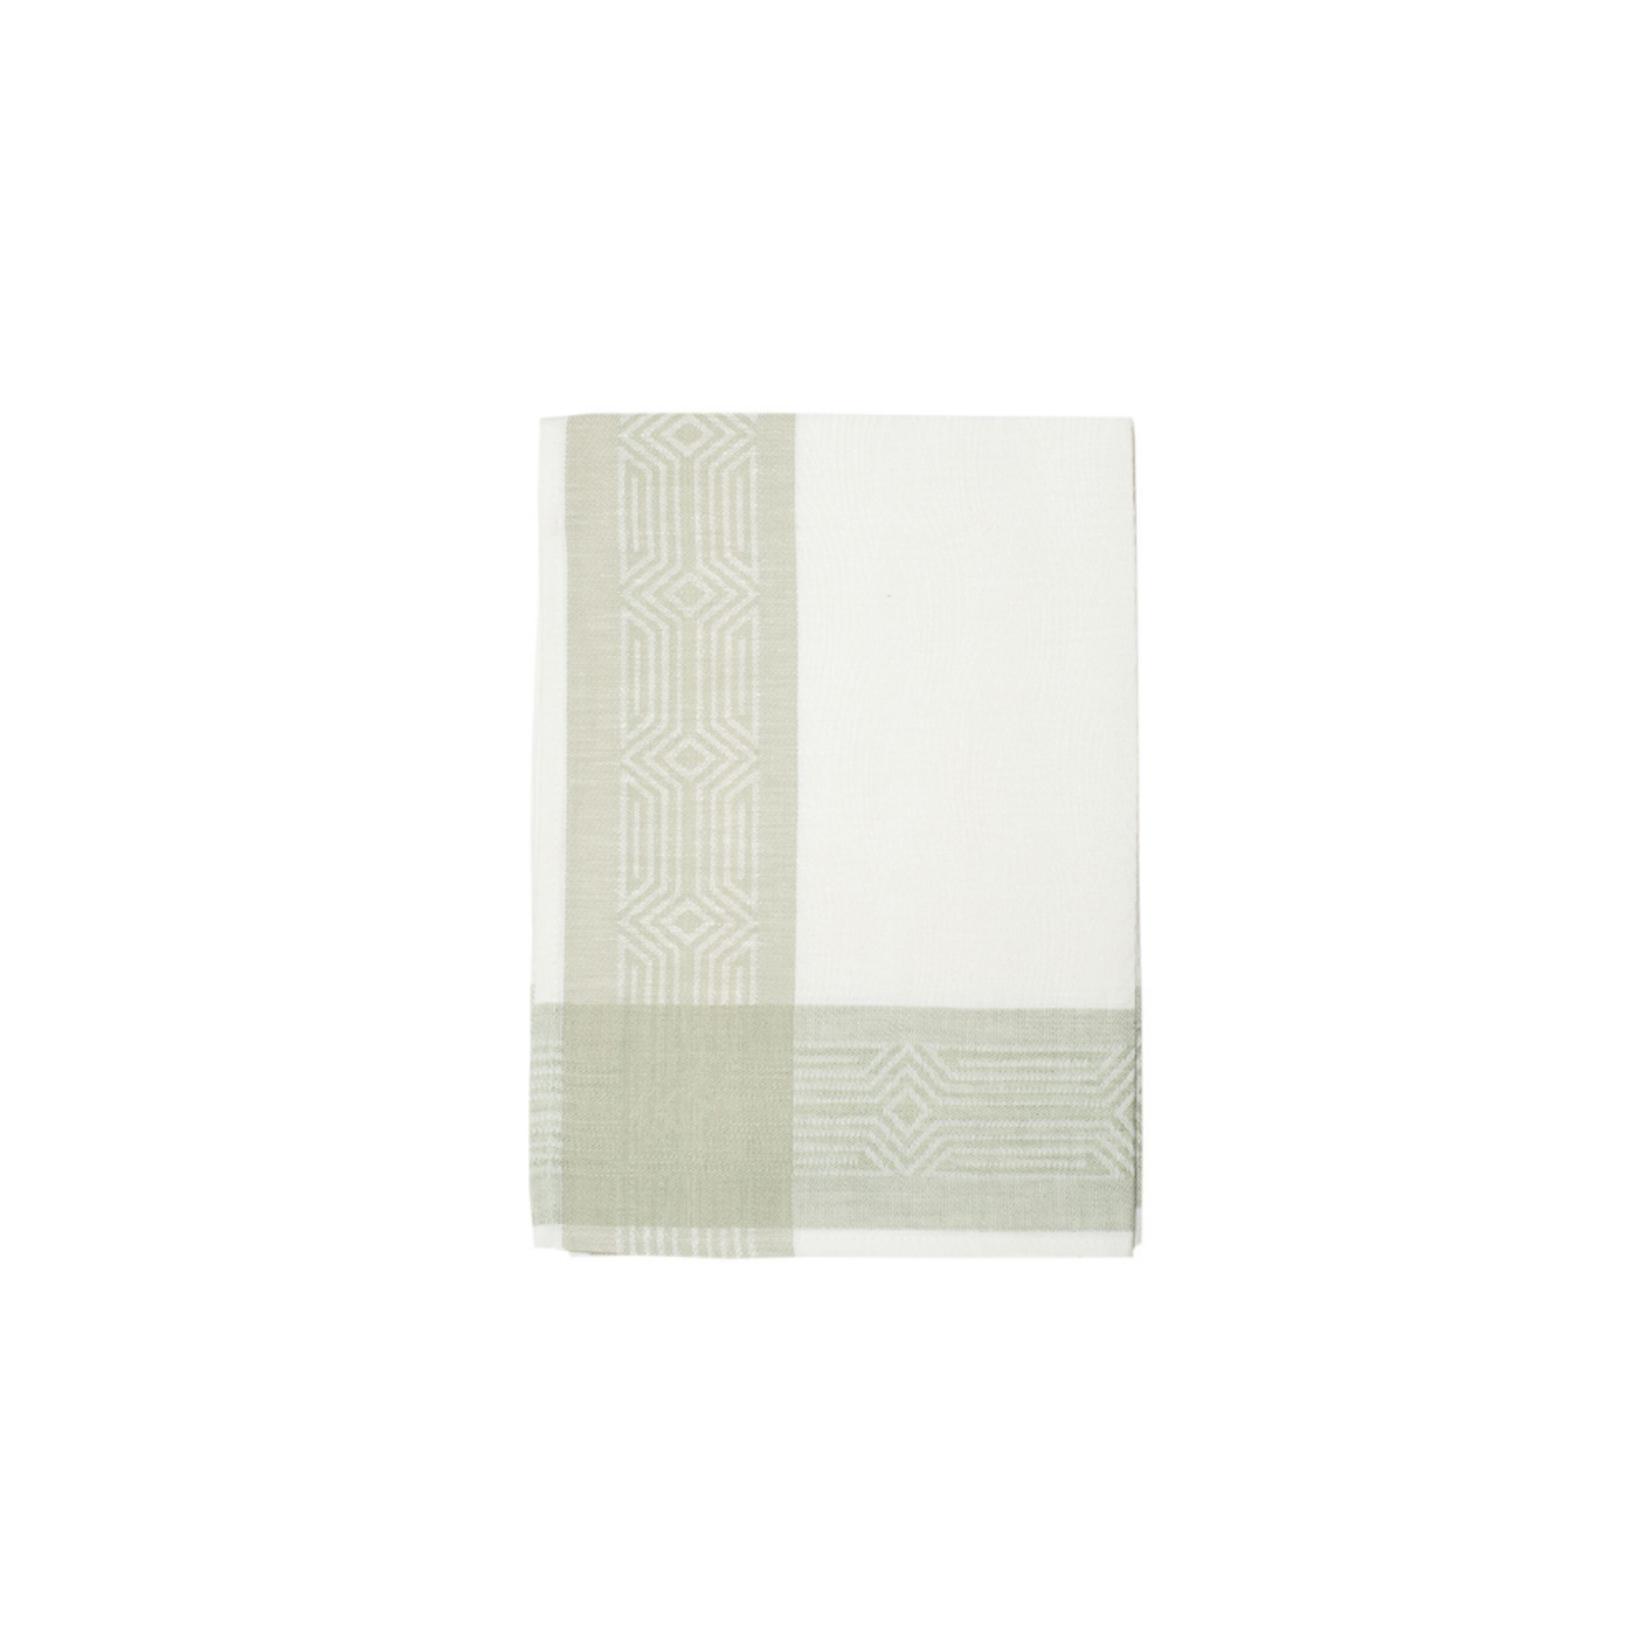 Deco Tea Towels White & Sage